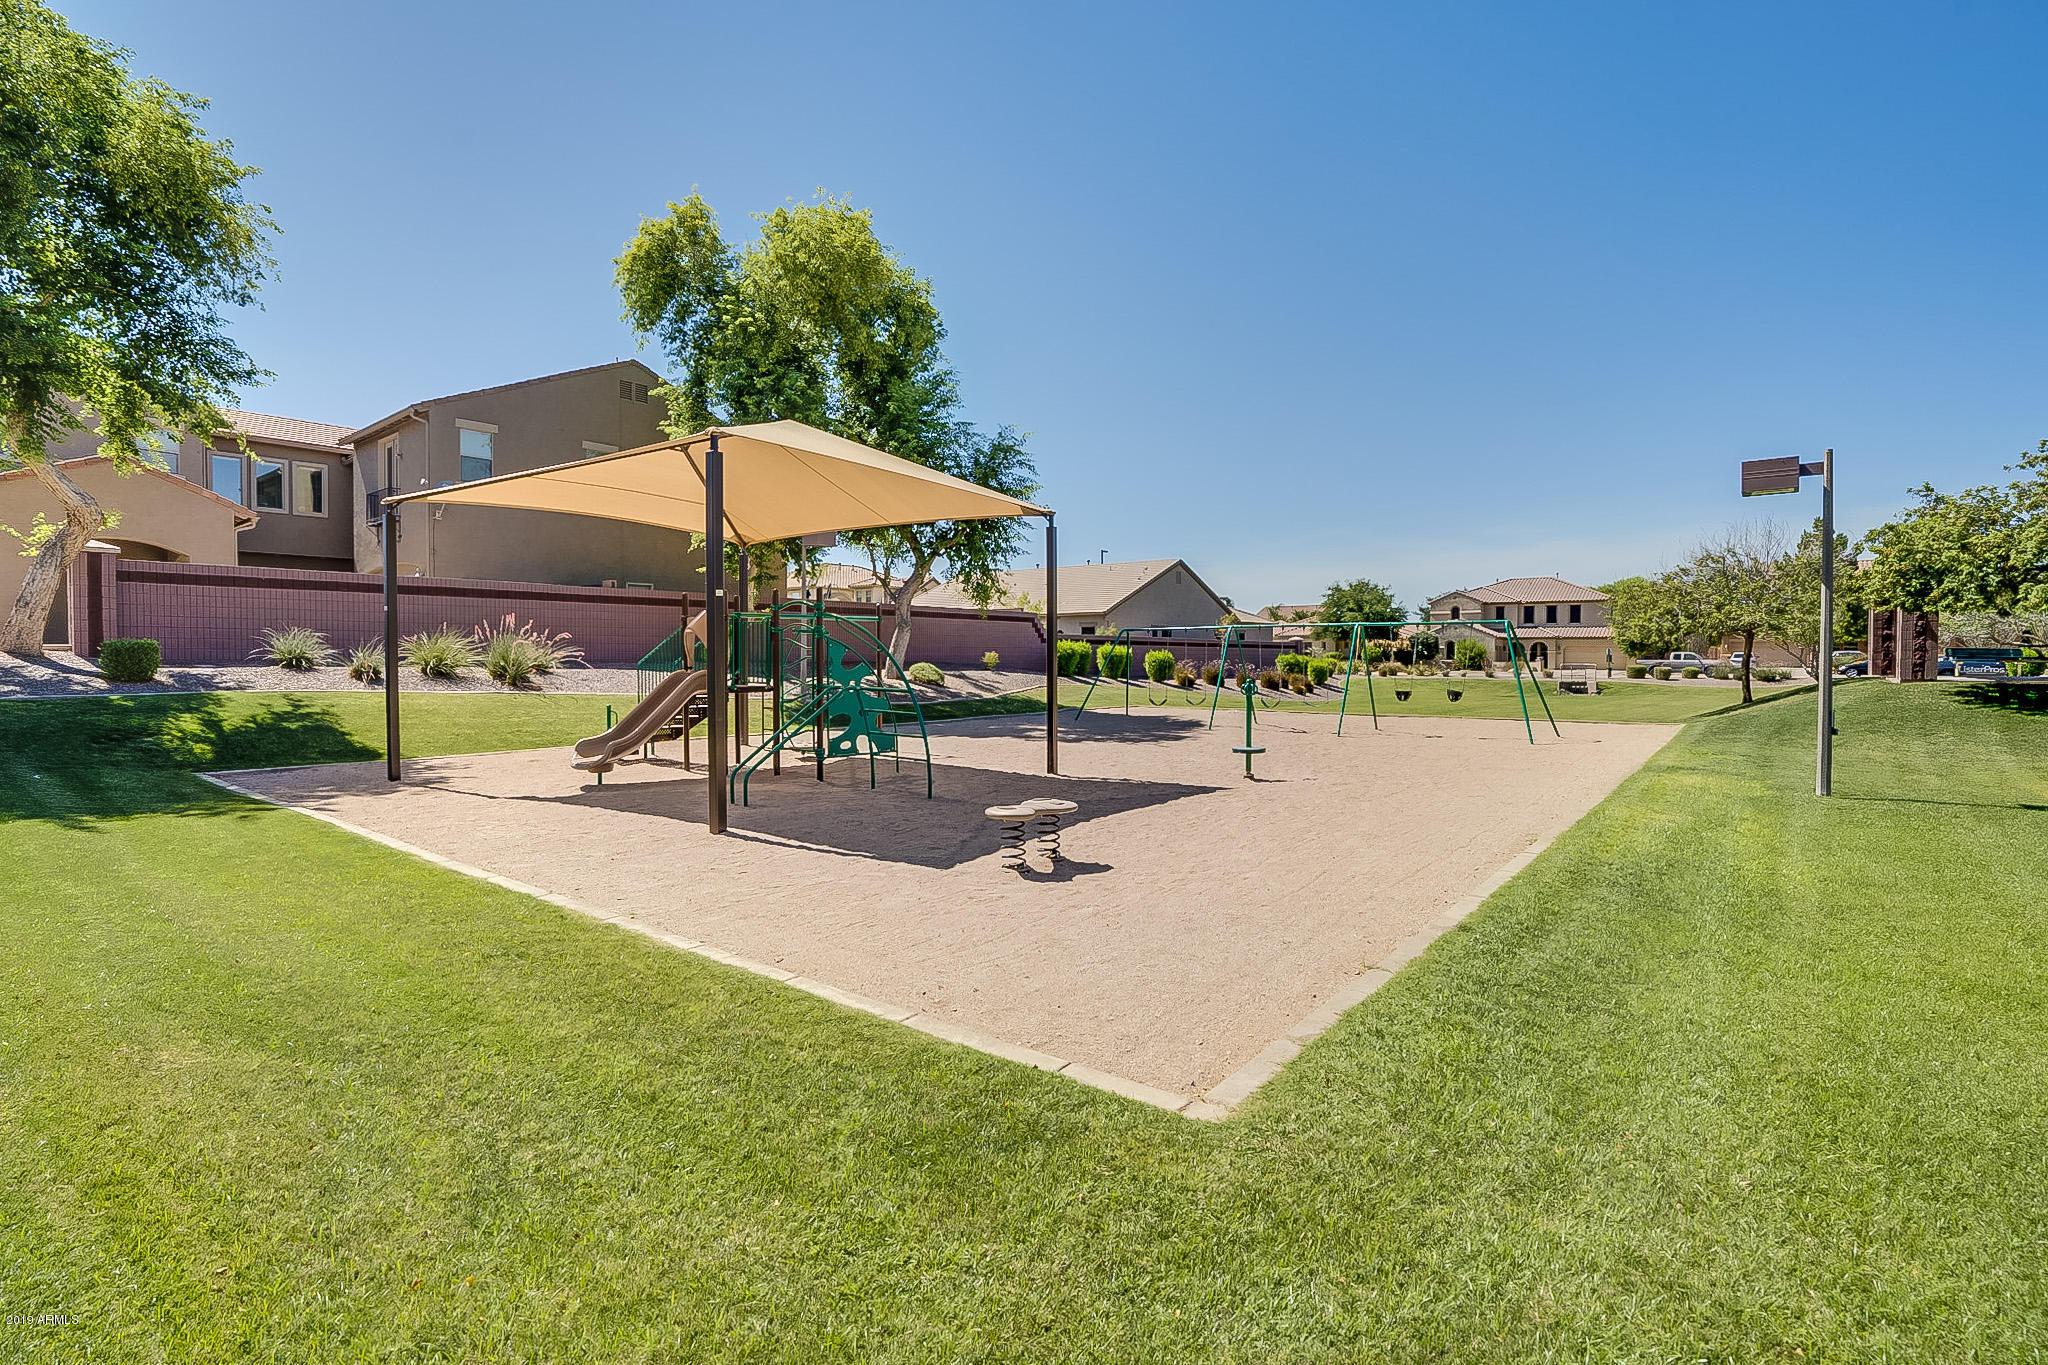 MLS 5942623 3104 E MUIRFIELD Street, Gilbert, AZ 85298 Gilbert AZ Country Shadows